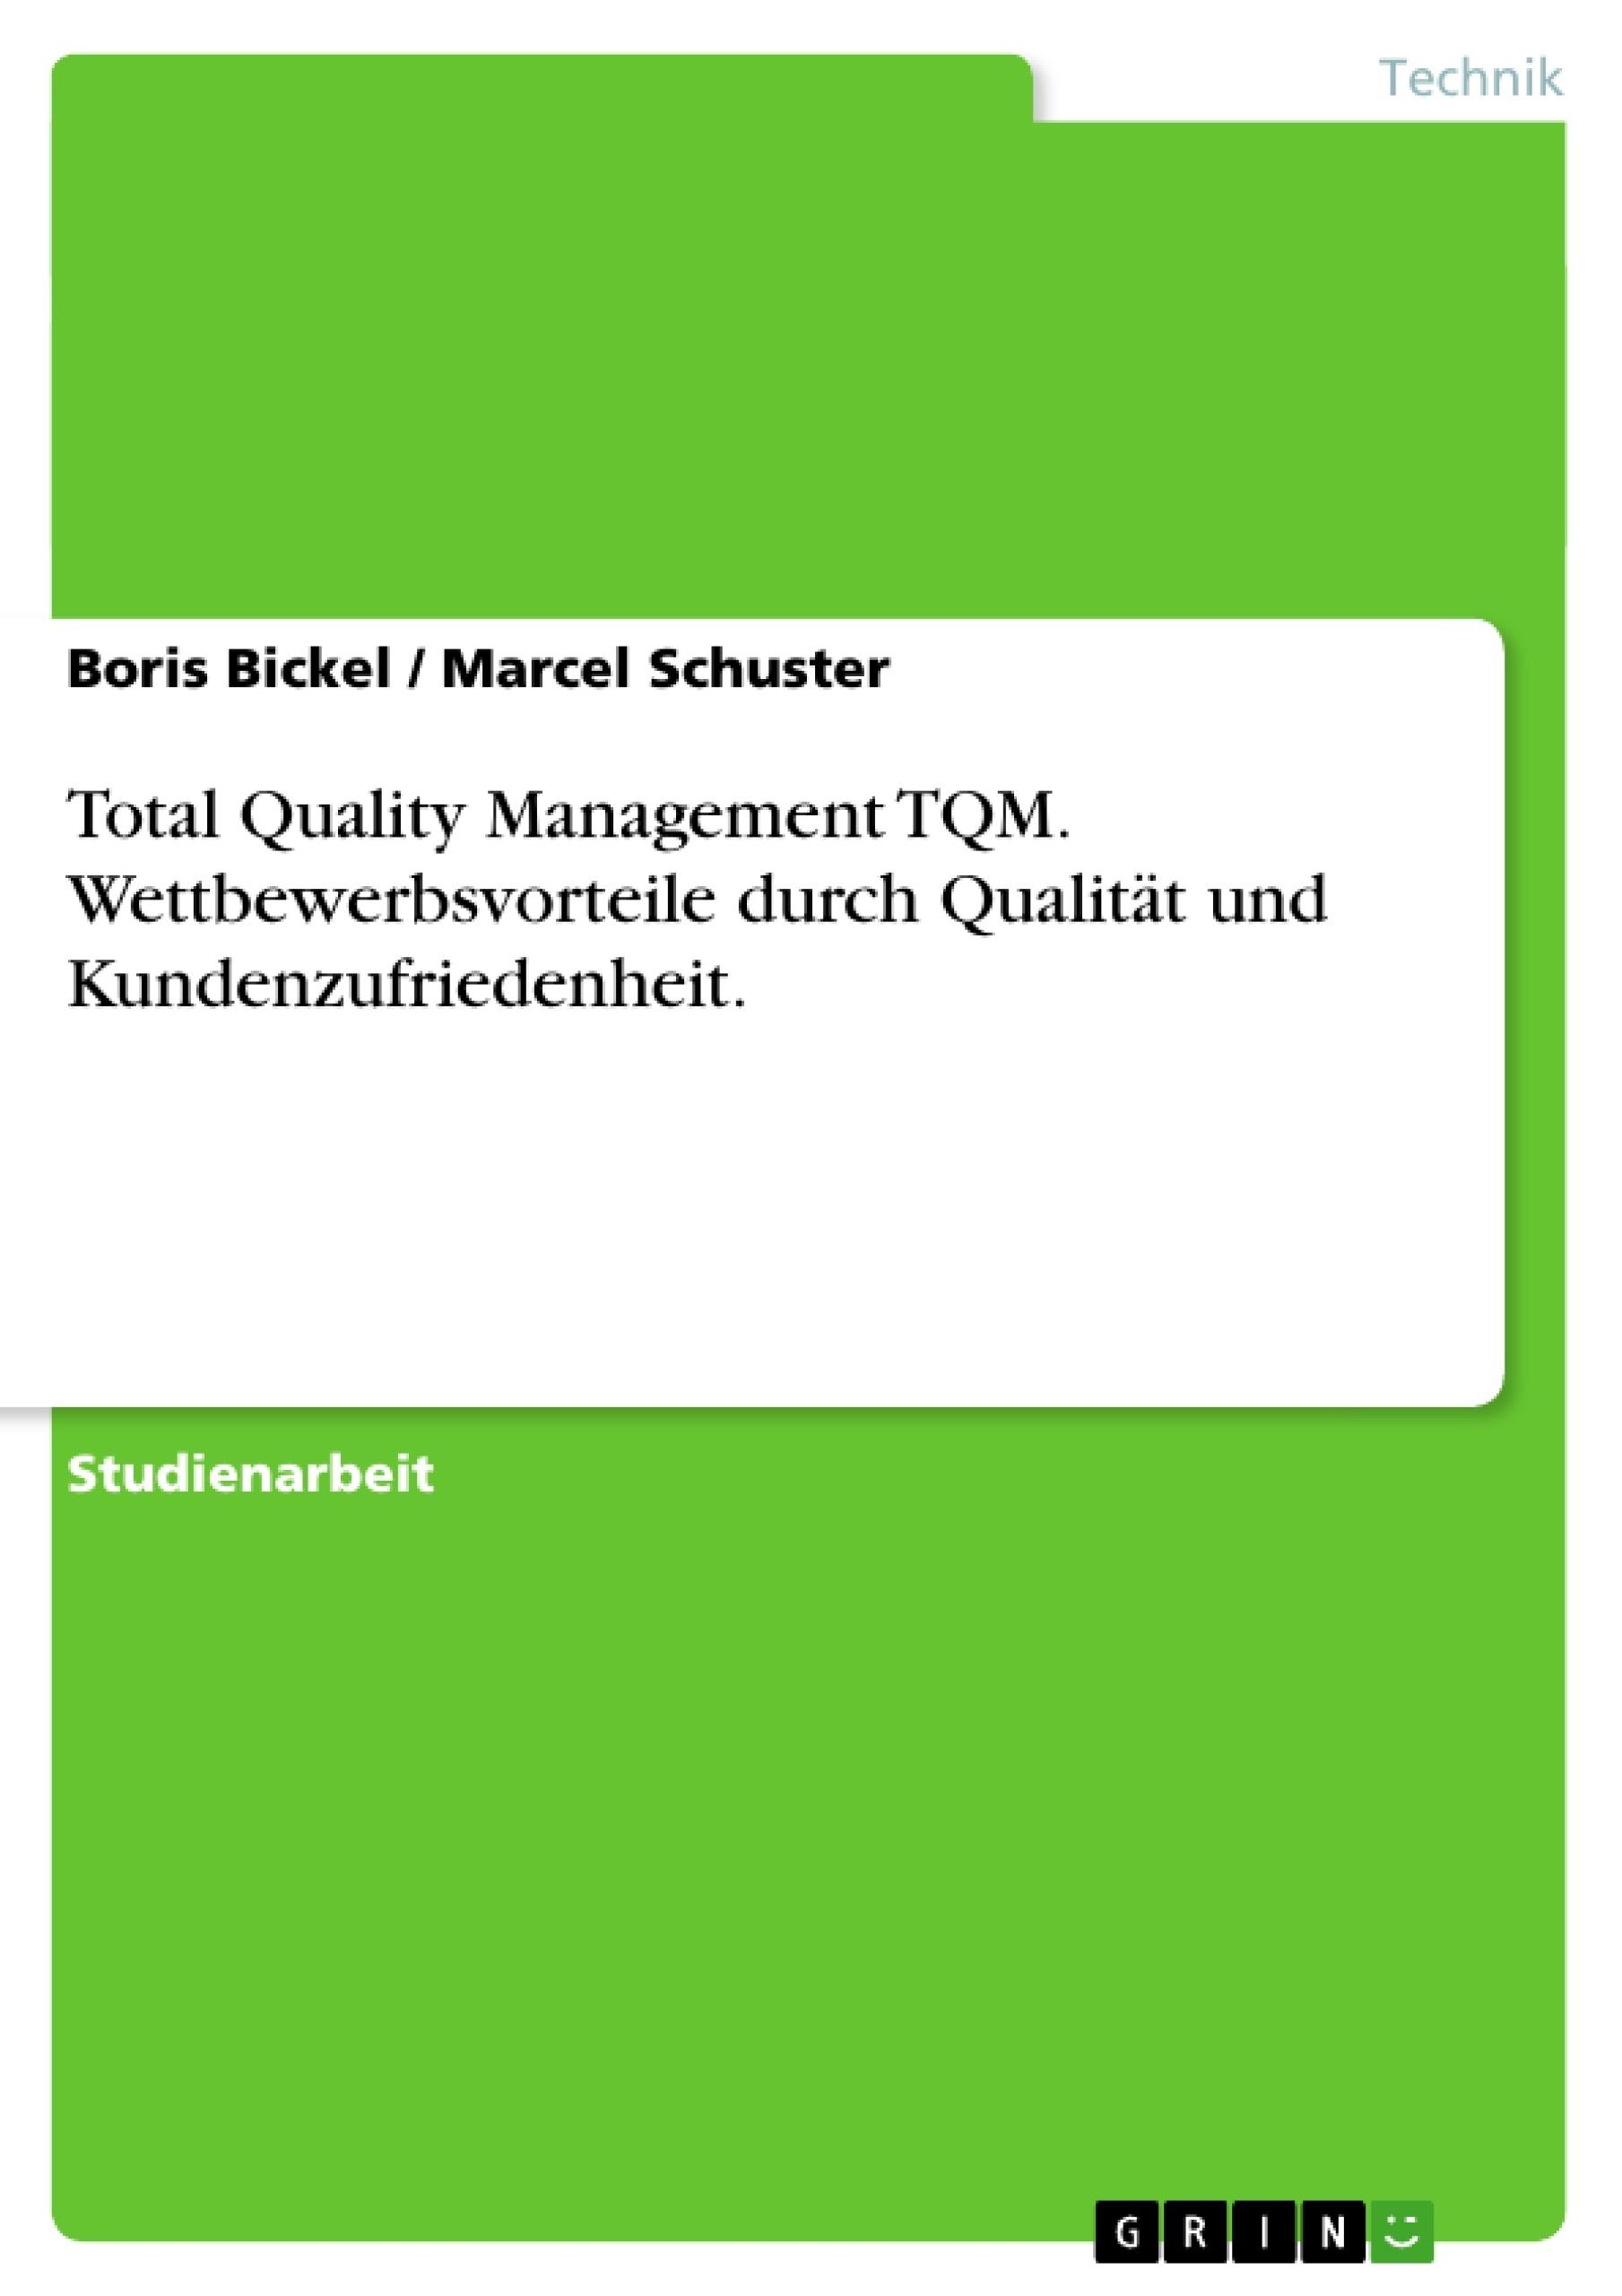 Titel: Total Quality Management TQM. Wettbewerbsvorteile durch Qualität und Kundenzufriedenheit